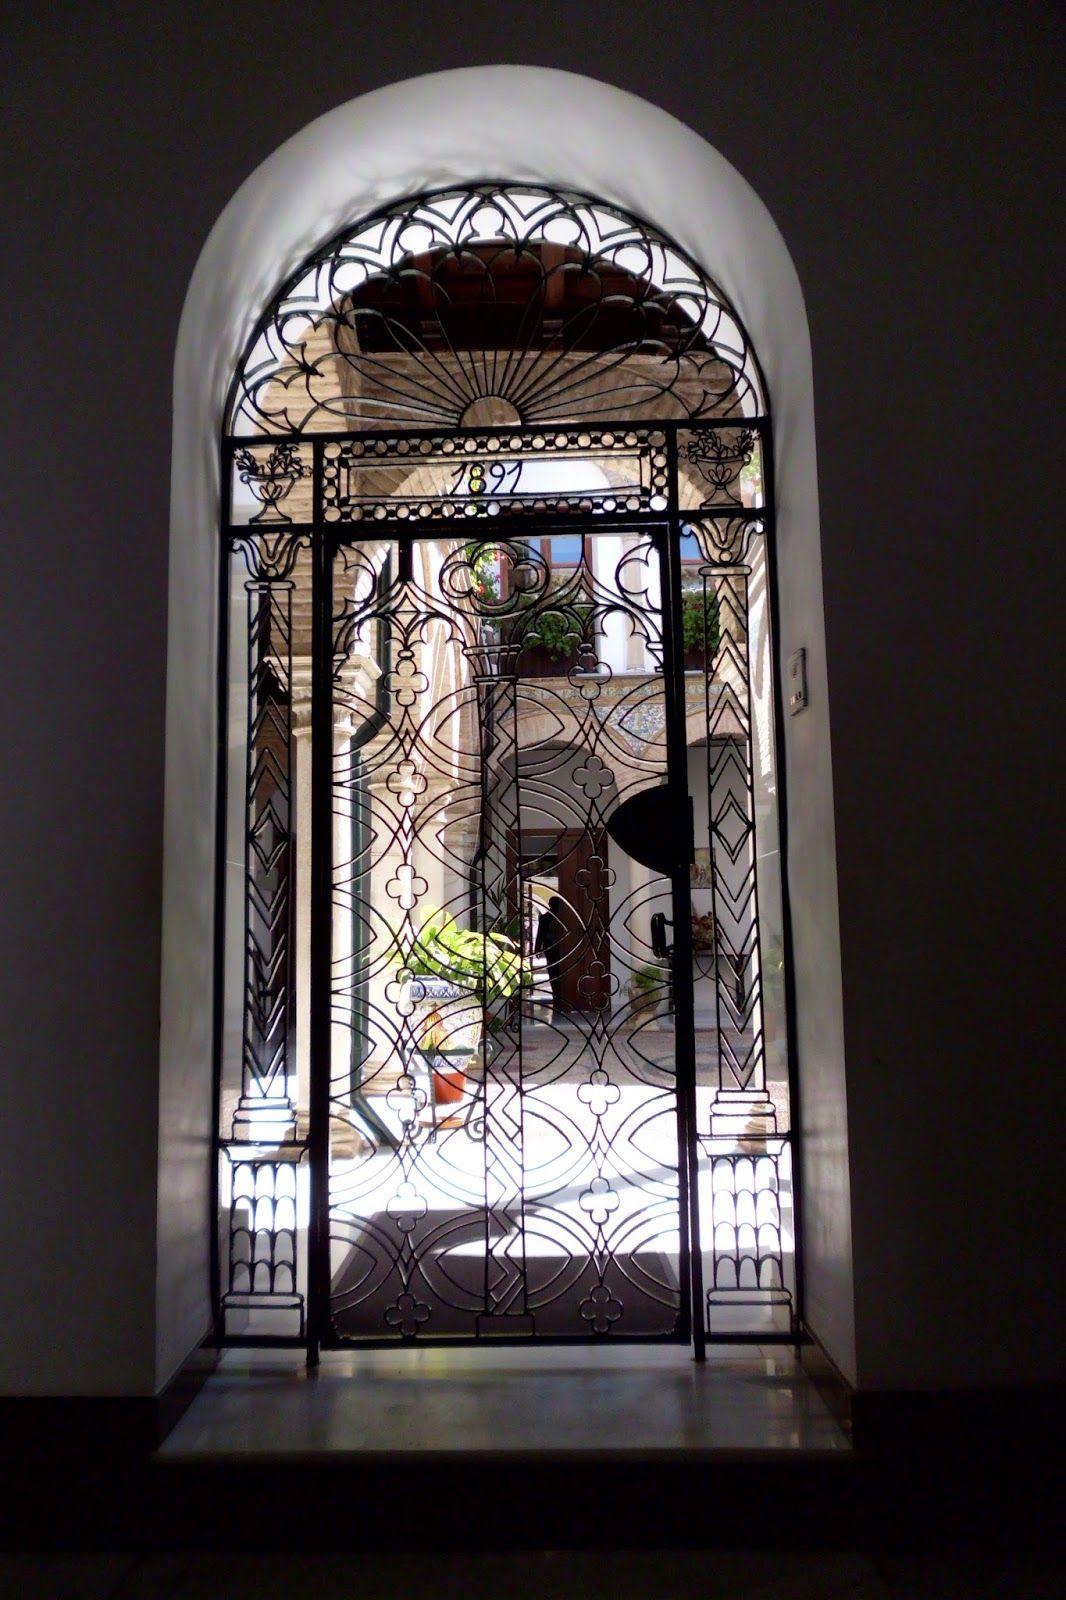 Rejas para puertas en arco buscar con google rejas - Arcos decorativos para puertas ...